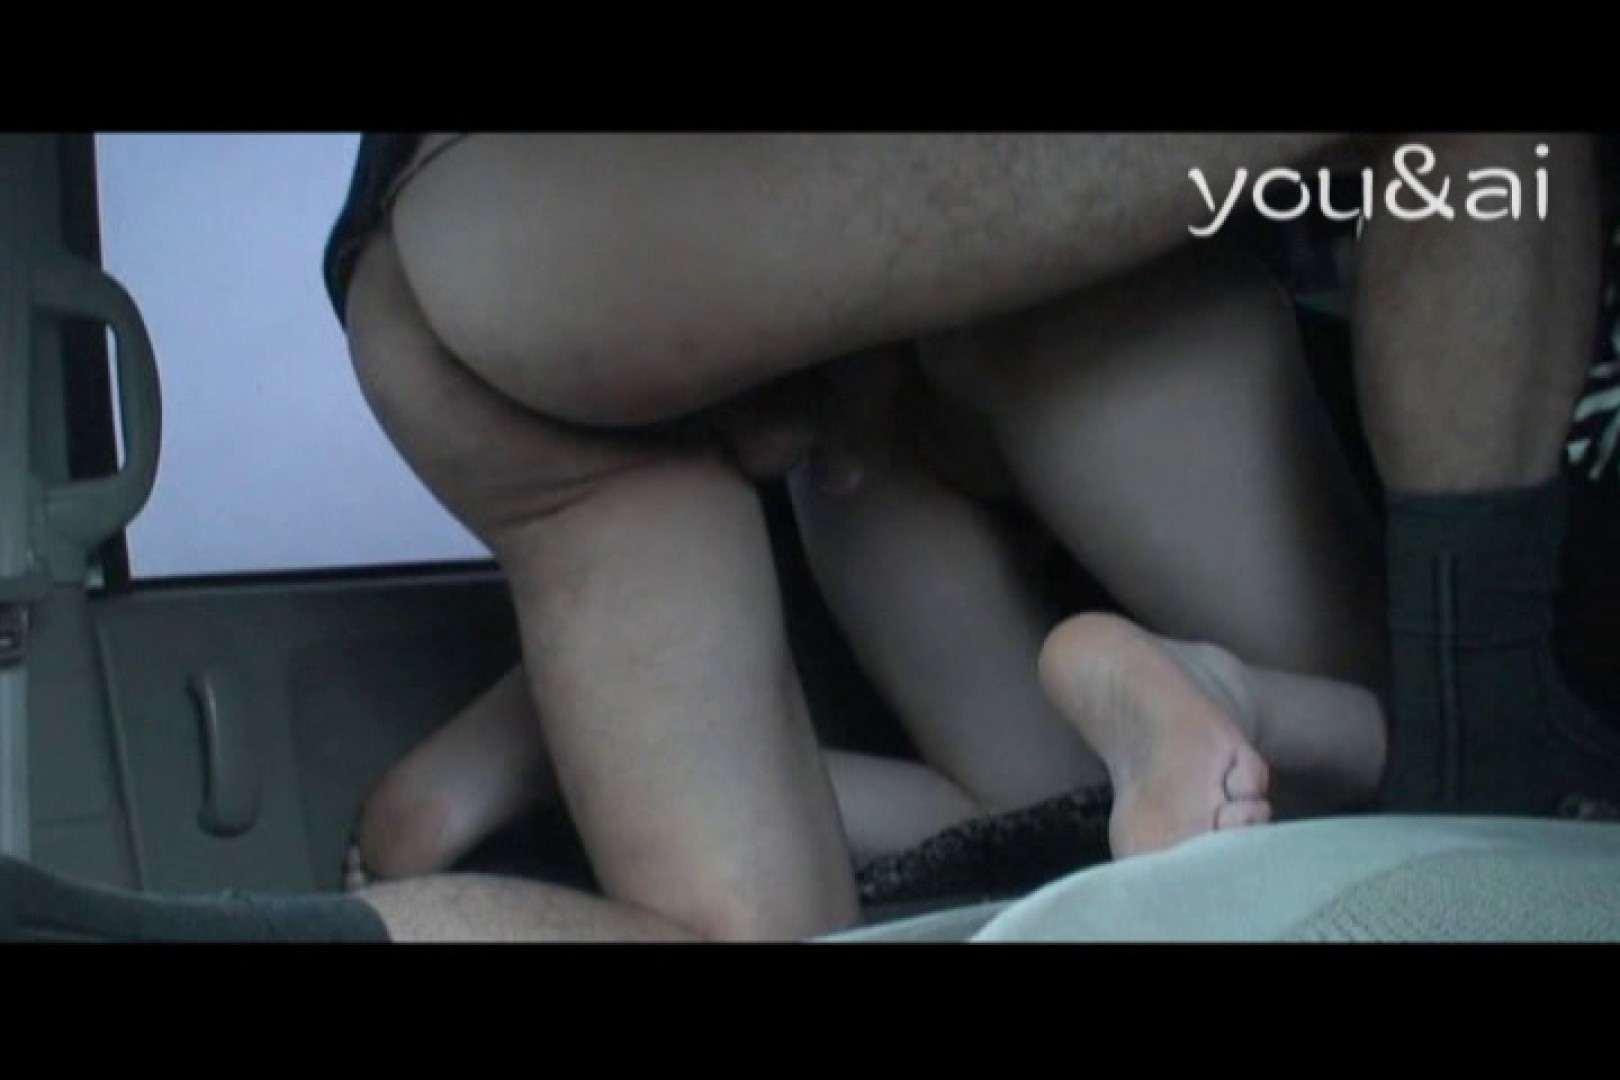 おしどり夫婦のyou&aiさん投稿作品vol.8 車中のぞき | OLの裸事情  72枚 5